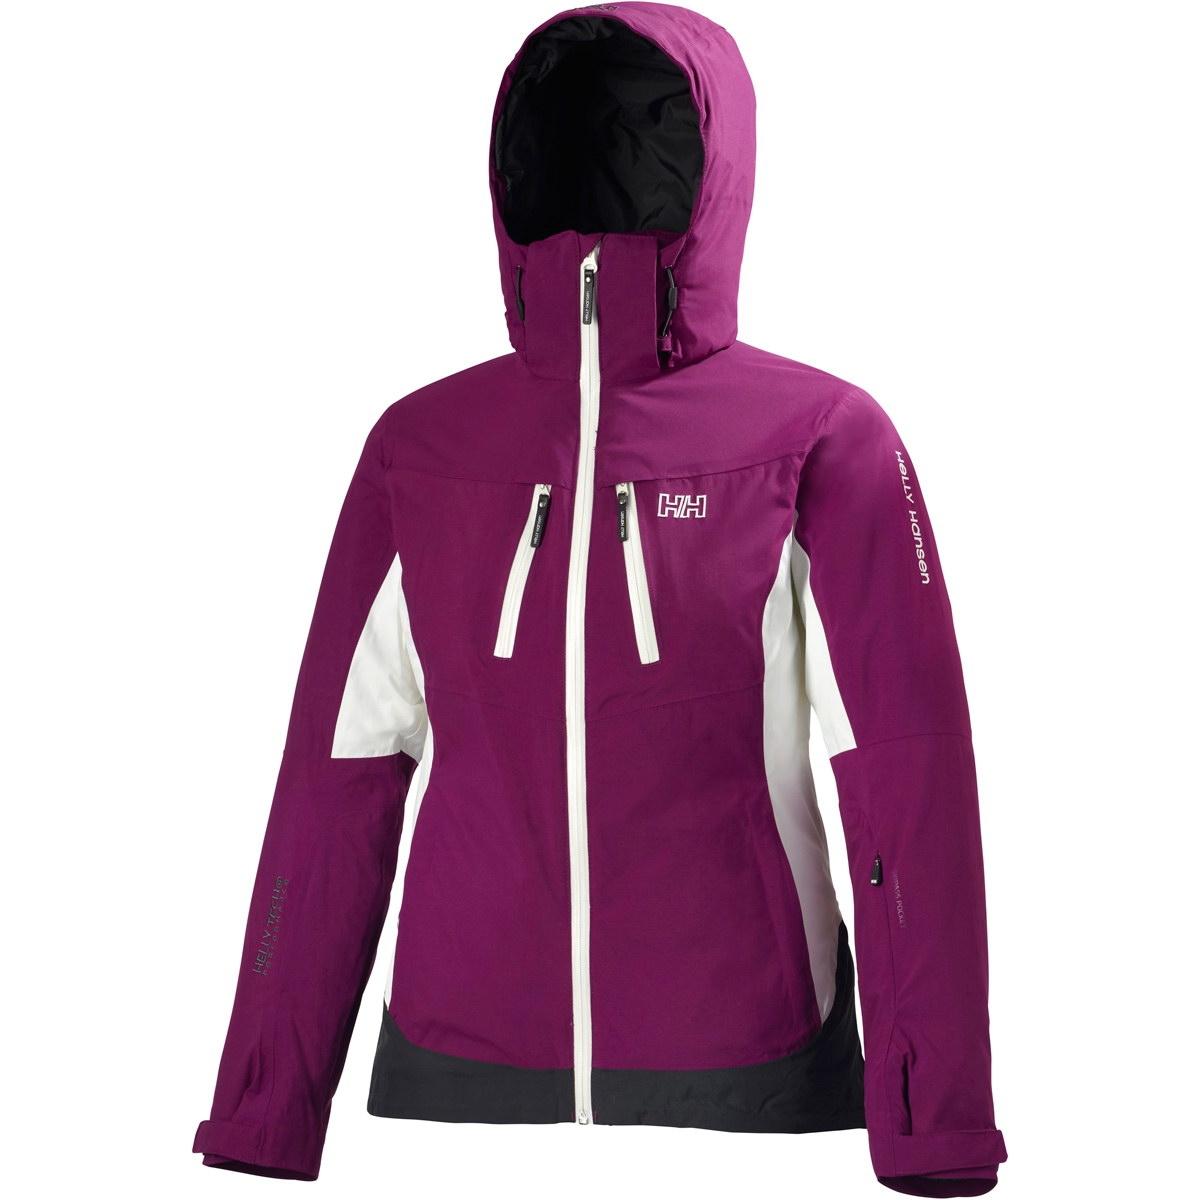 Helly Hansen  Sonderangebote –  Women's Velocity II Jacket nun mit 40  % Rabatt für 167.95 € im Angebot